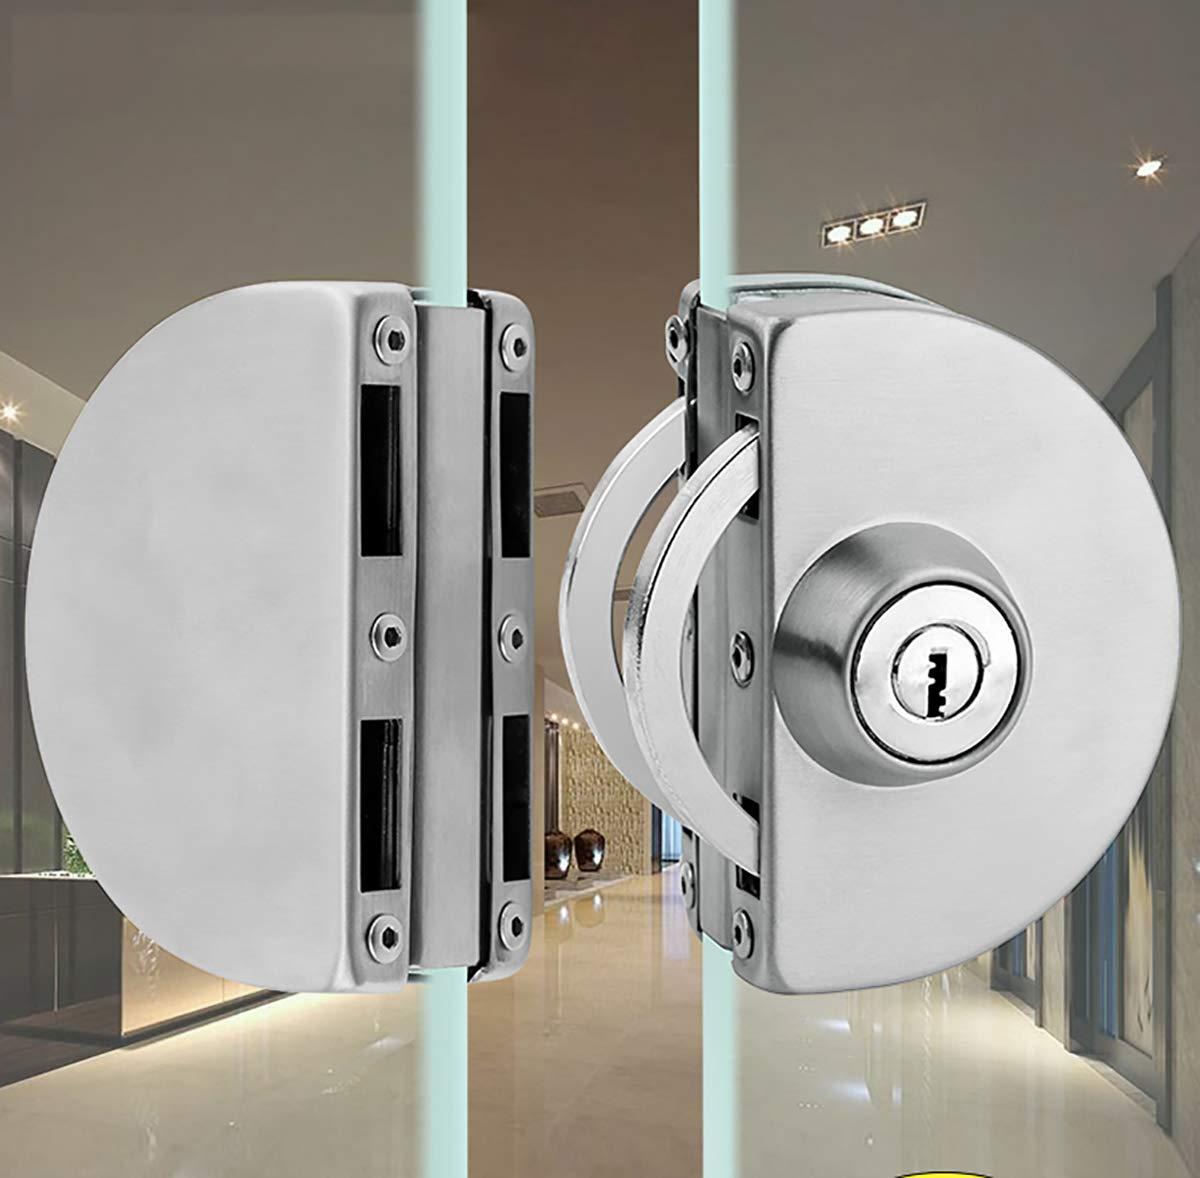 Qrity Cerradura para puerta de cristal, Cerradura de seguridad antirrobo de la puerta de cristal del acero inoxidable 8~12mm con las llaves Abra/cierre el uso casero del cuarto: Amazon.es: Bricolaje y herramientas